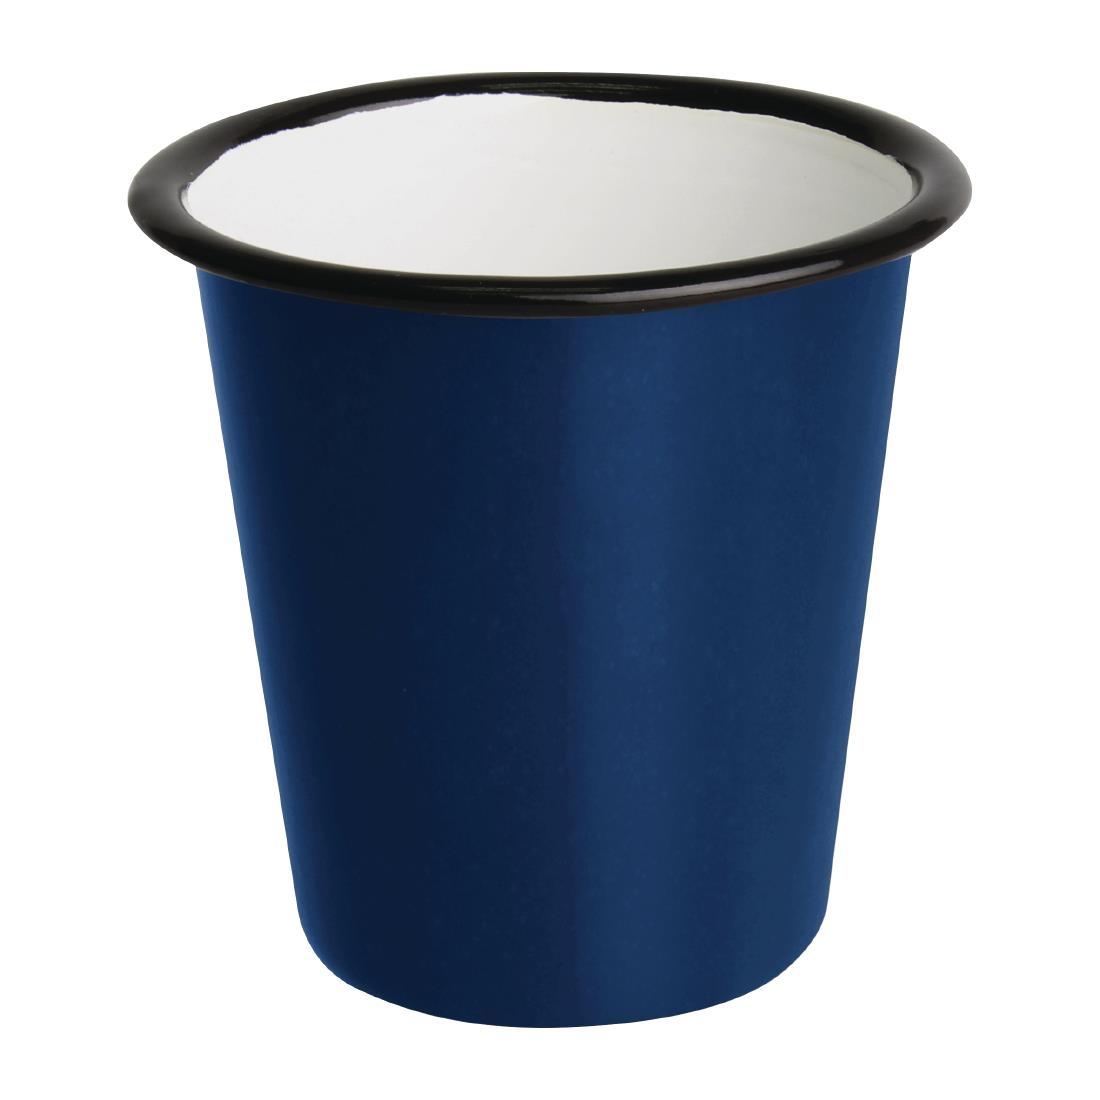 Gobelets en acier émaillé bleu et noir Olympia 310ml par 6